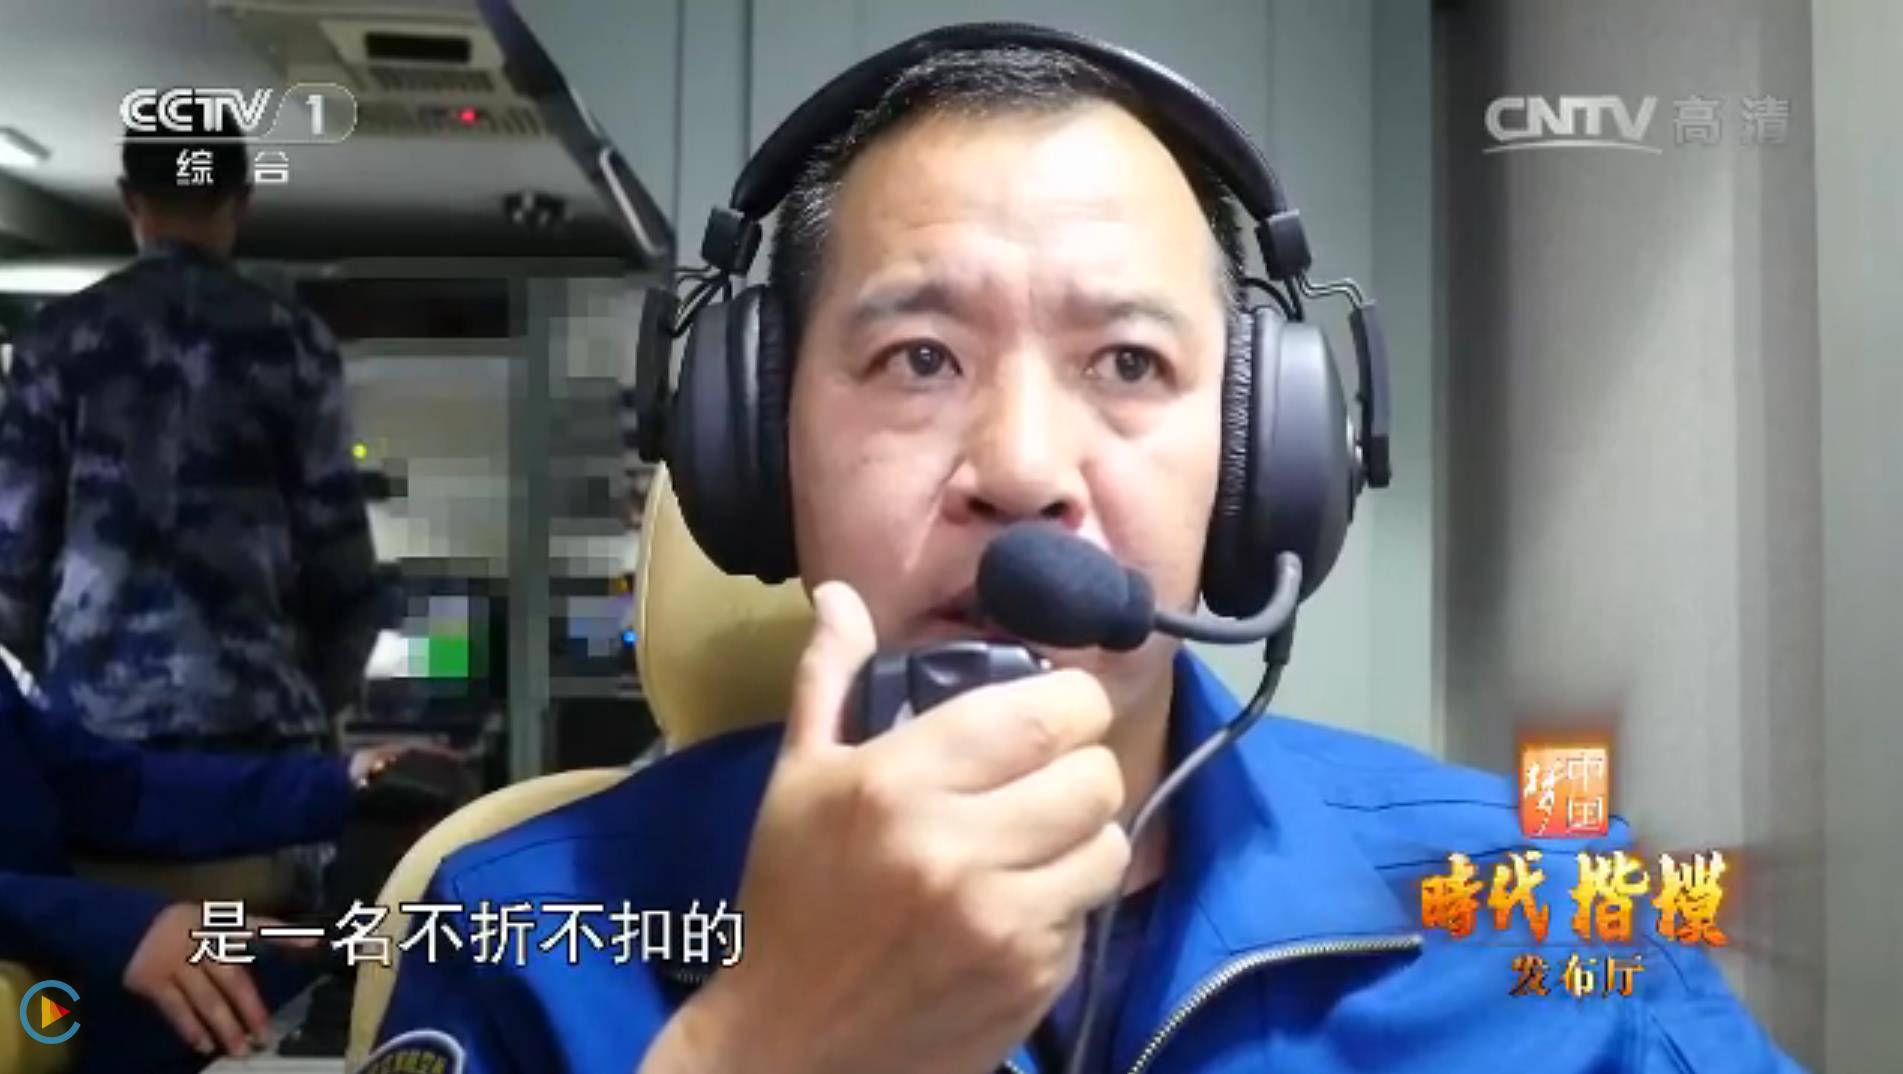 李浩是空军某试验训练基地无人机飞行员。